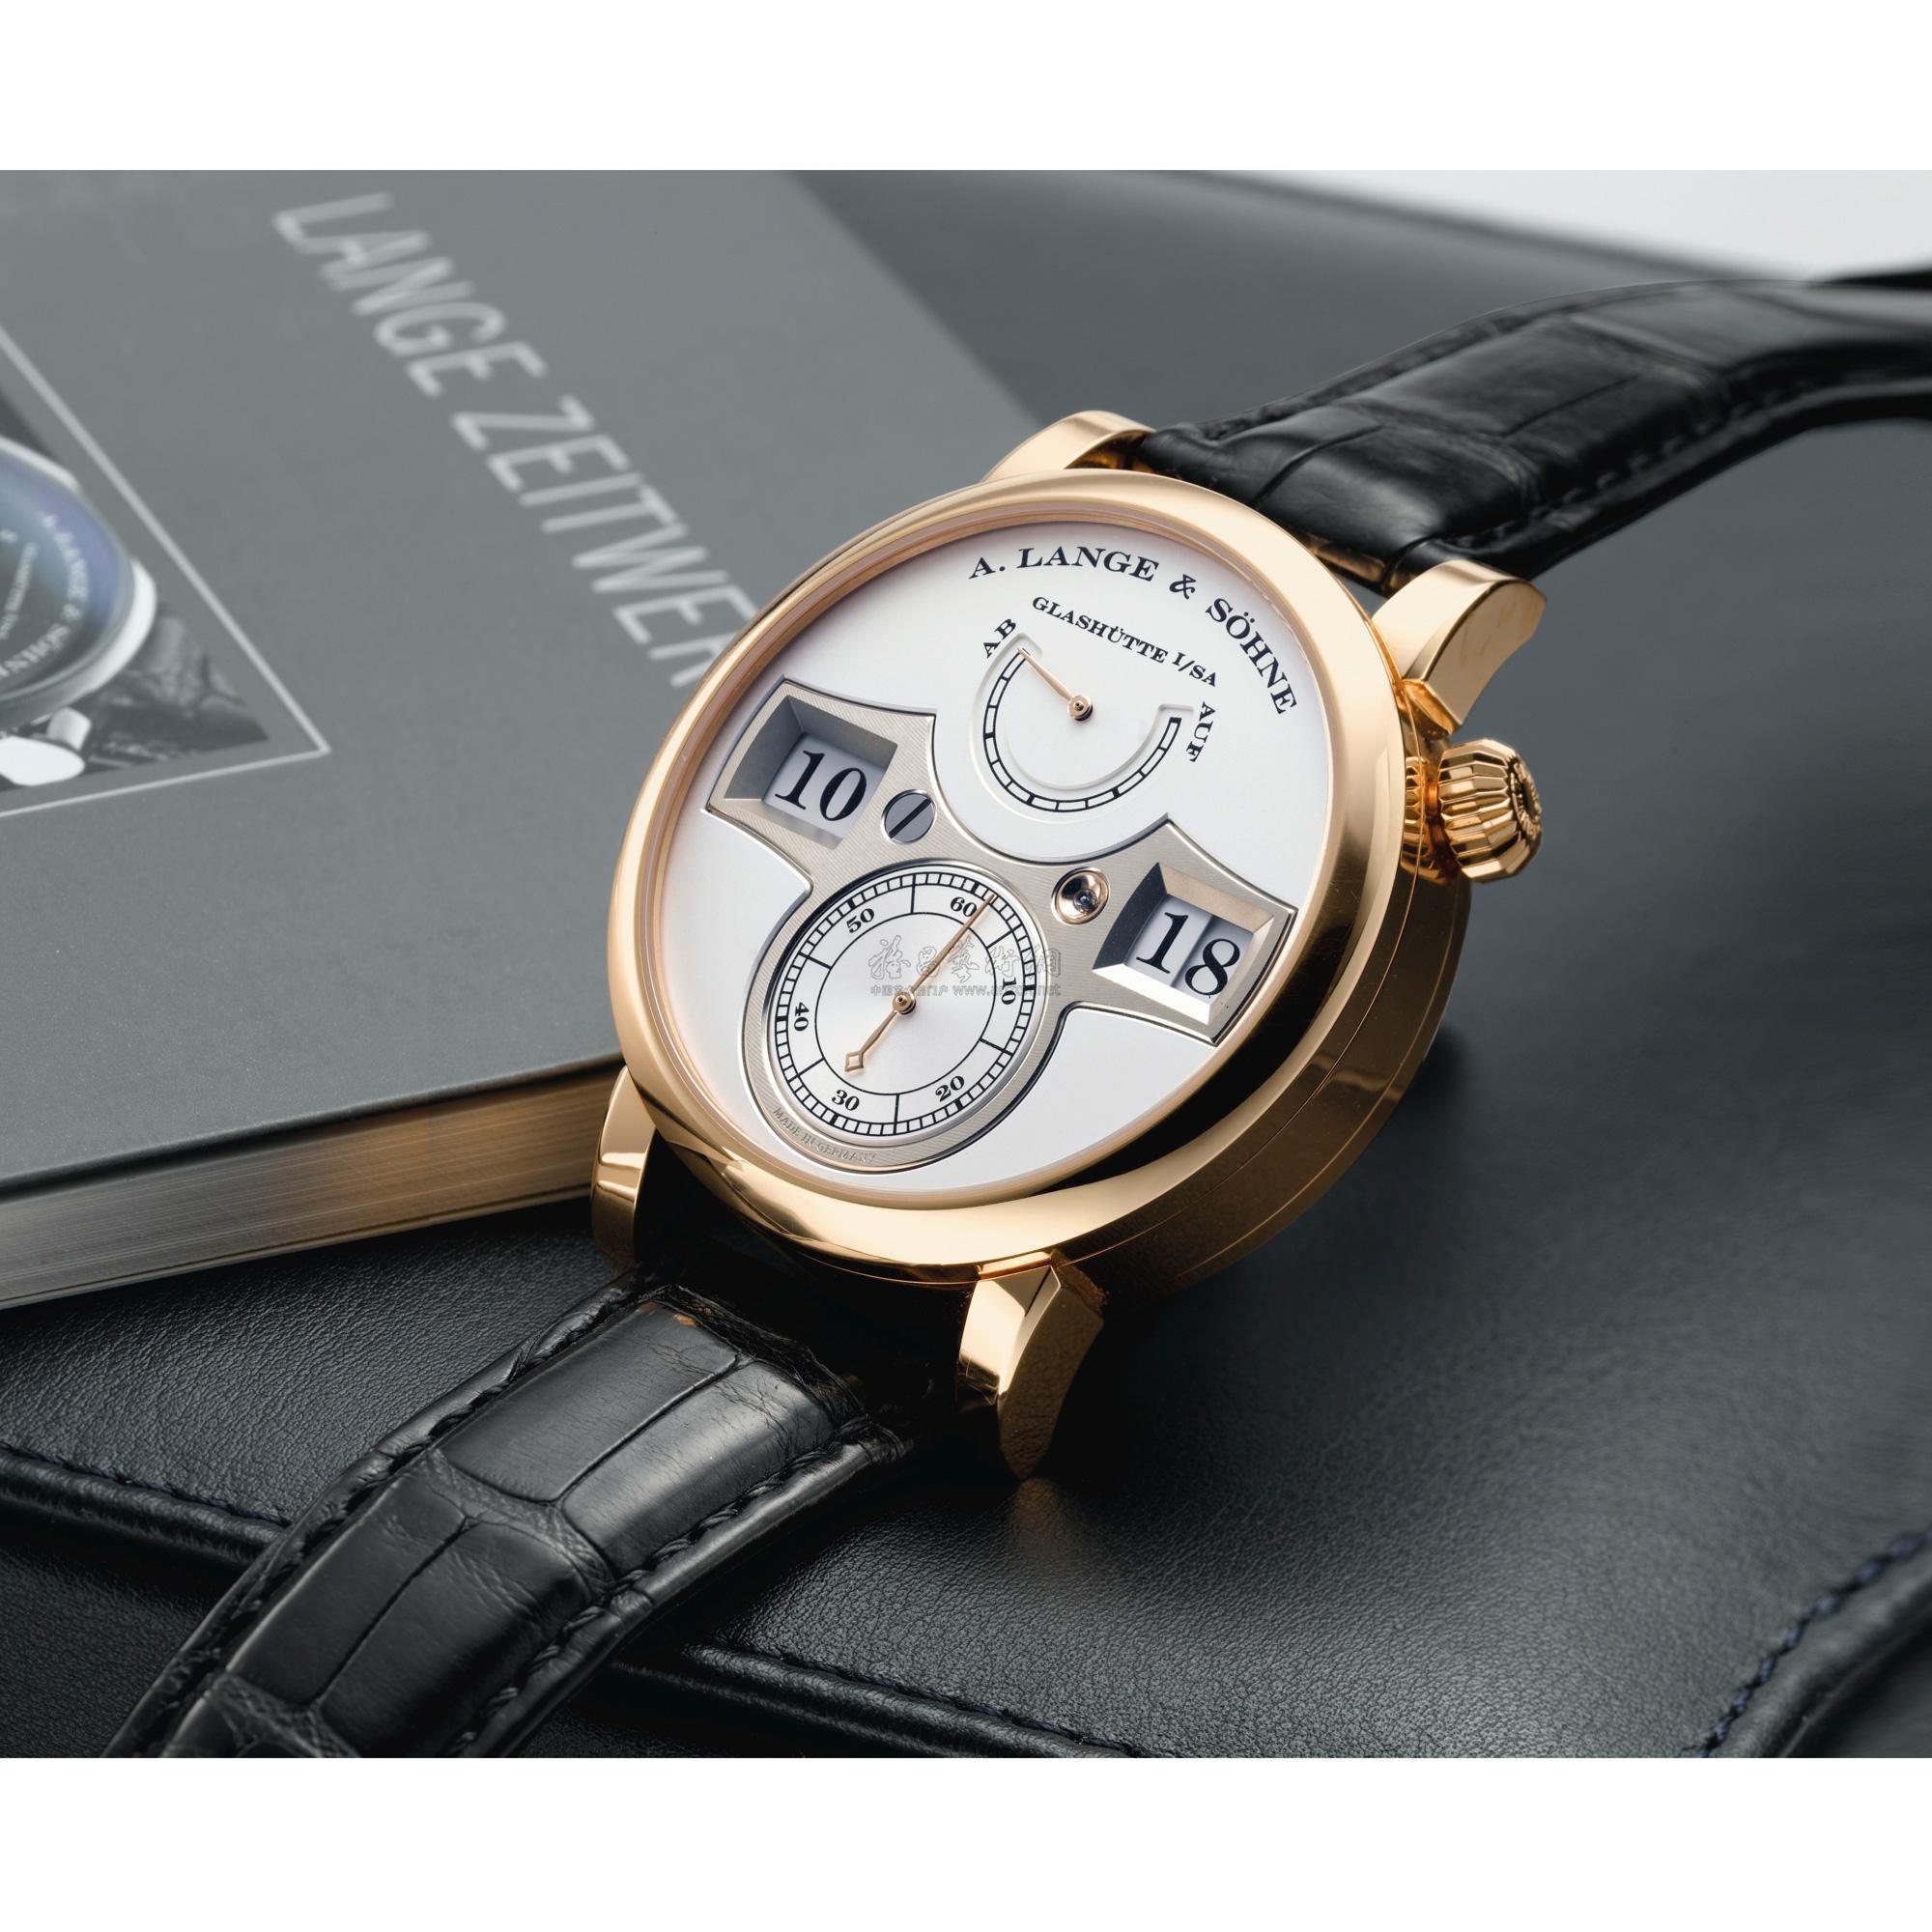 朗格手表回收价格多少?深圳哪里回收